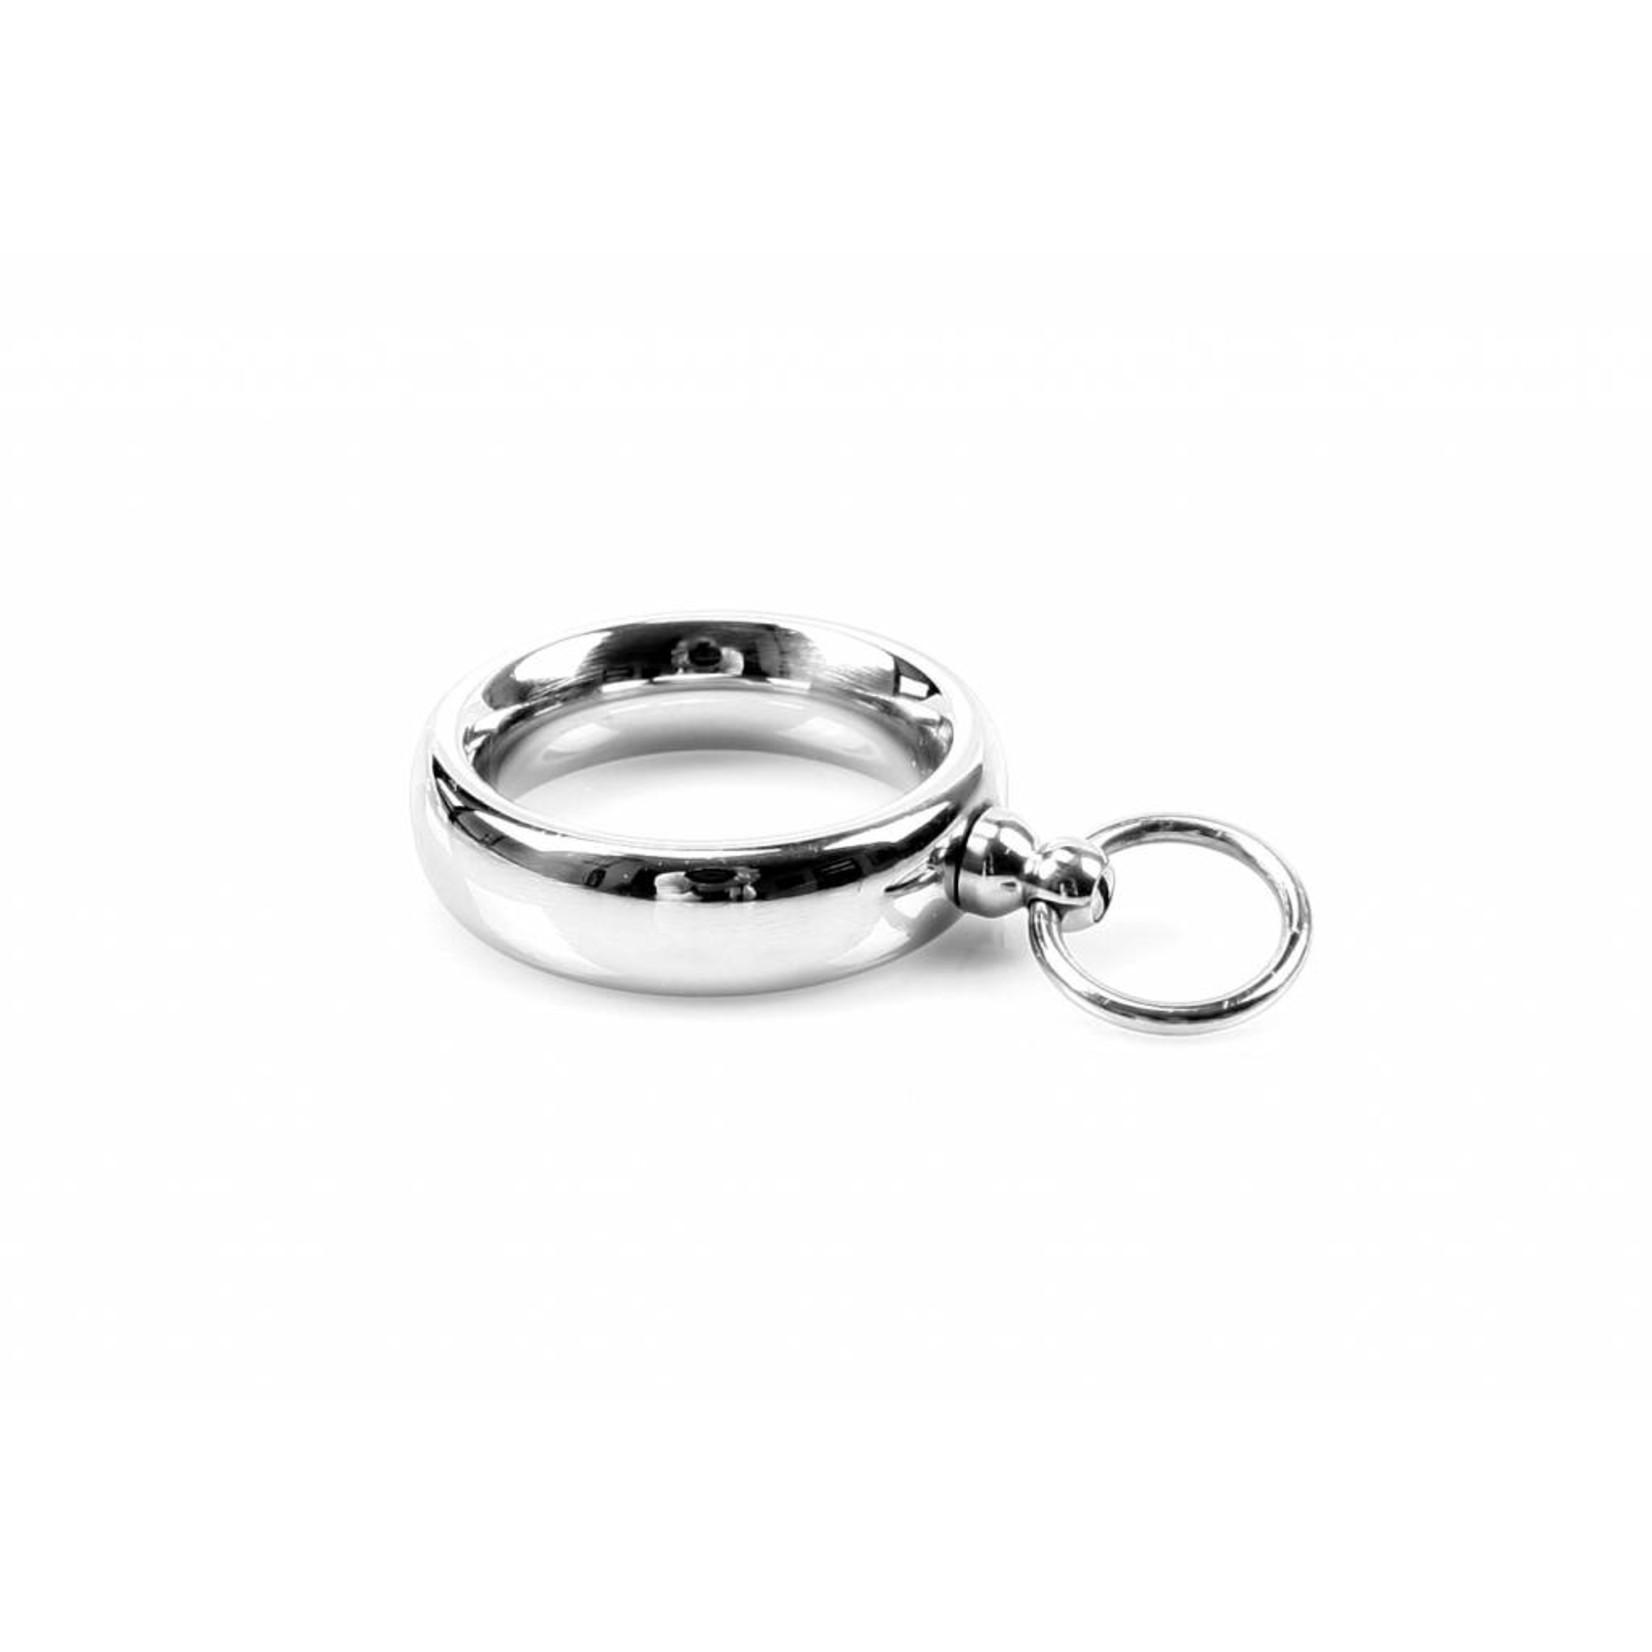 KIOTOS Steel Donut O Ring - 50 mm